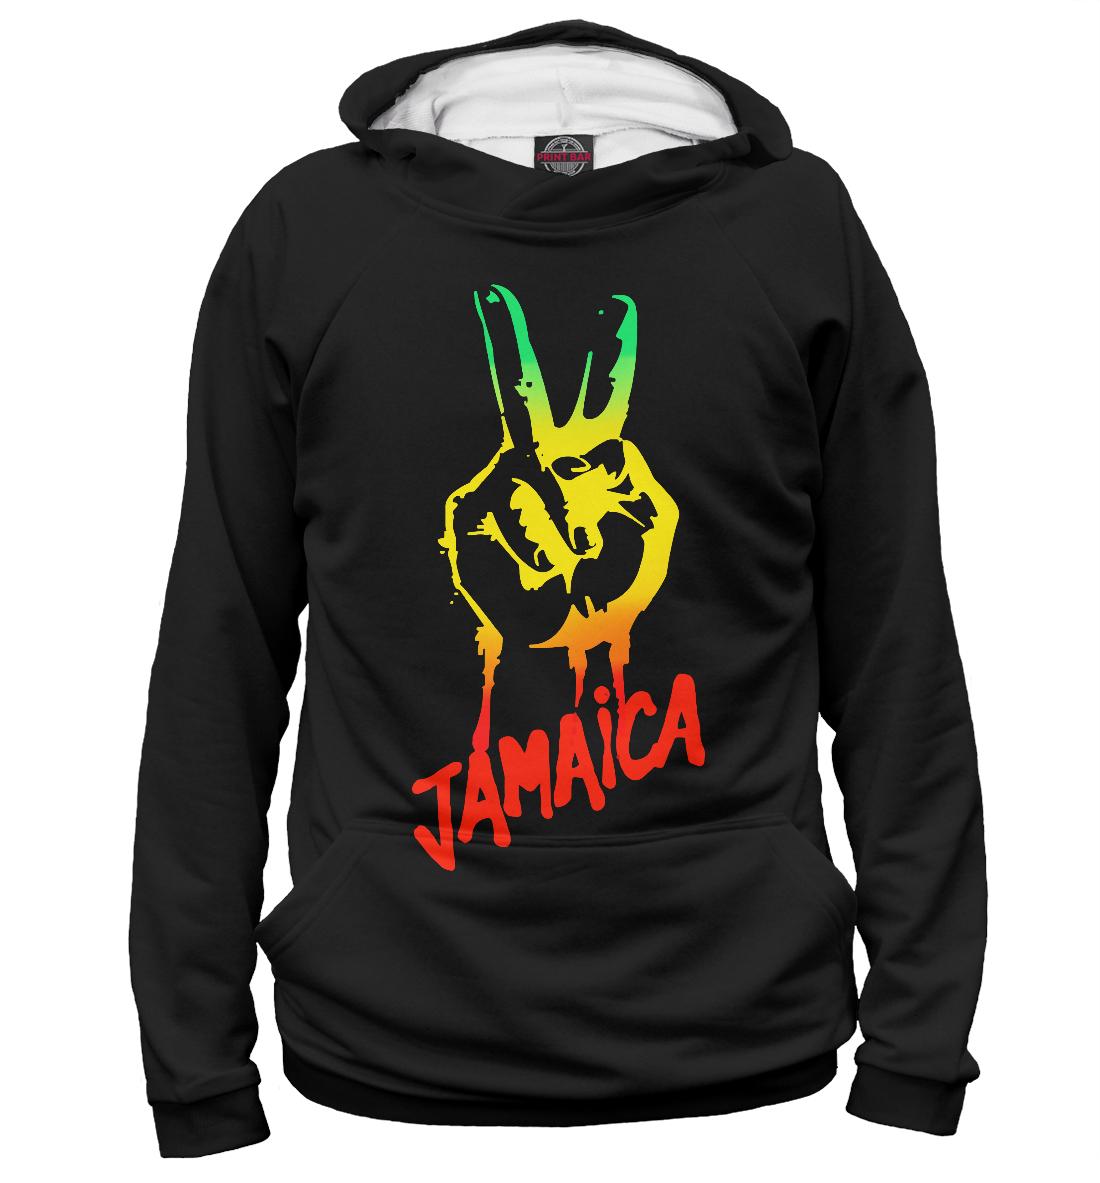 Купить Ямайка, победа, Printbar, Худи, CTS-989632-hud-2